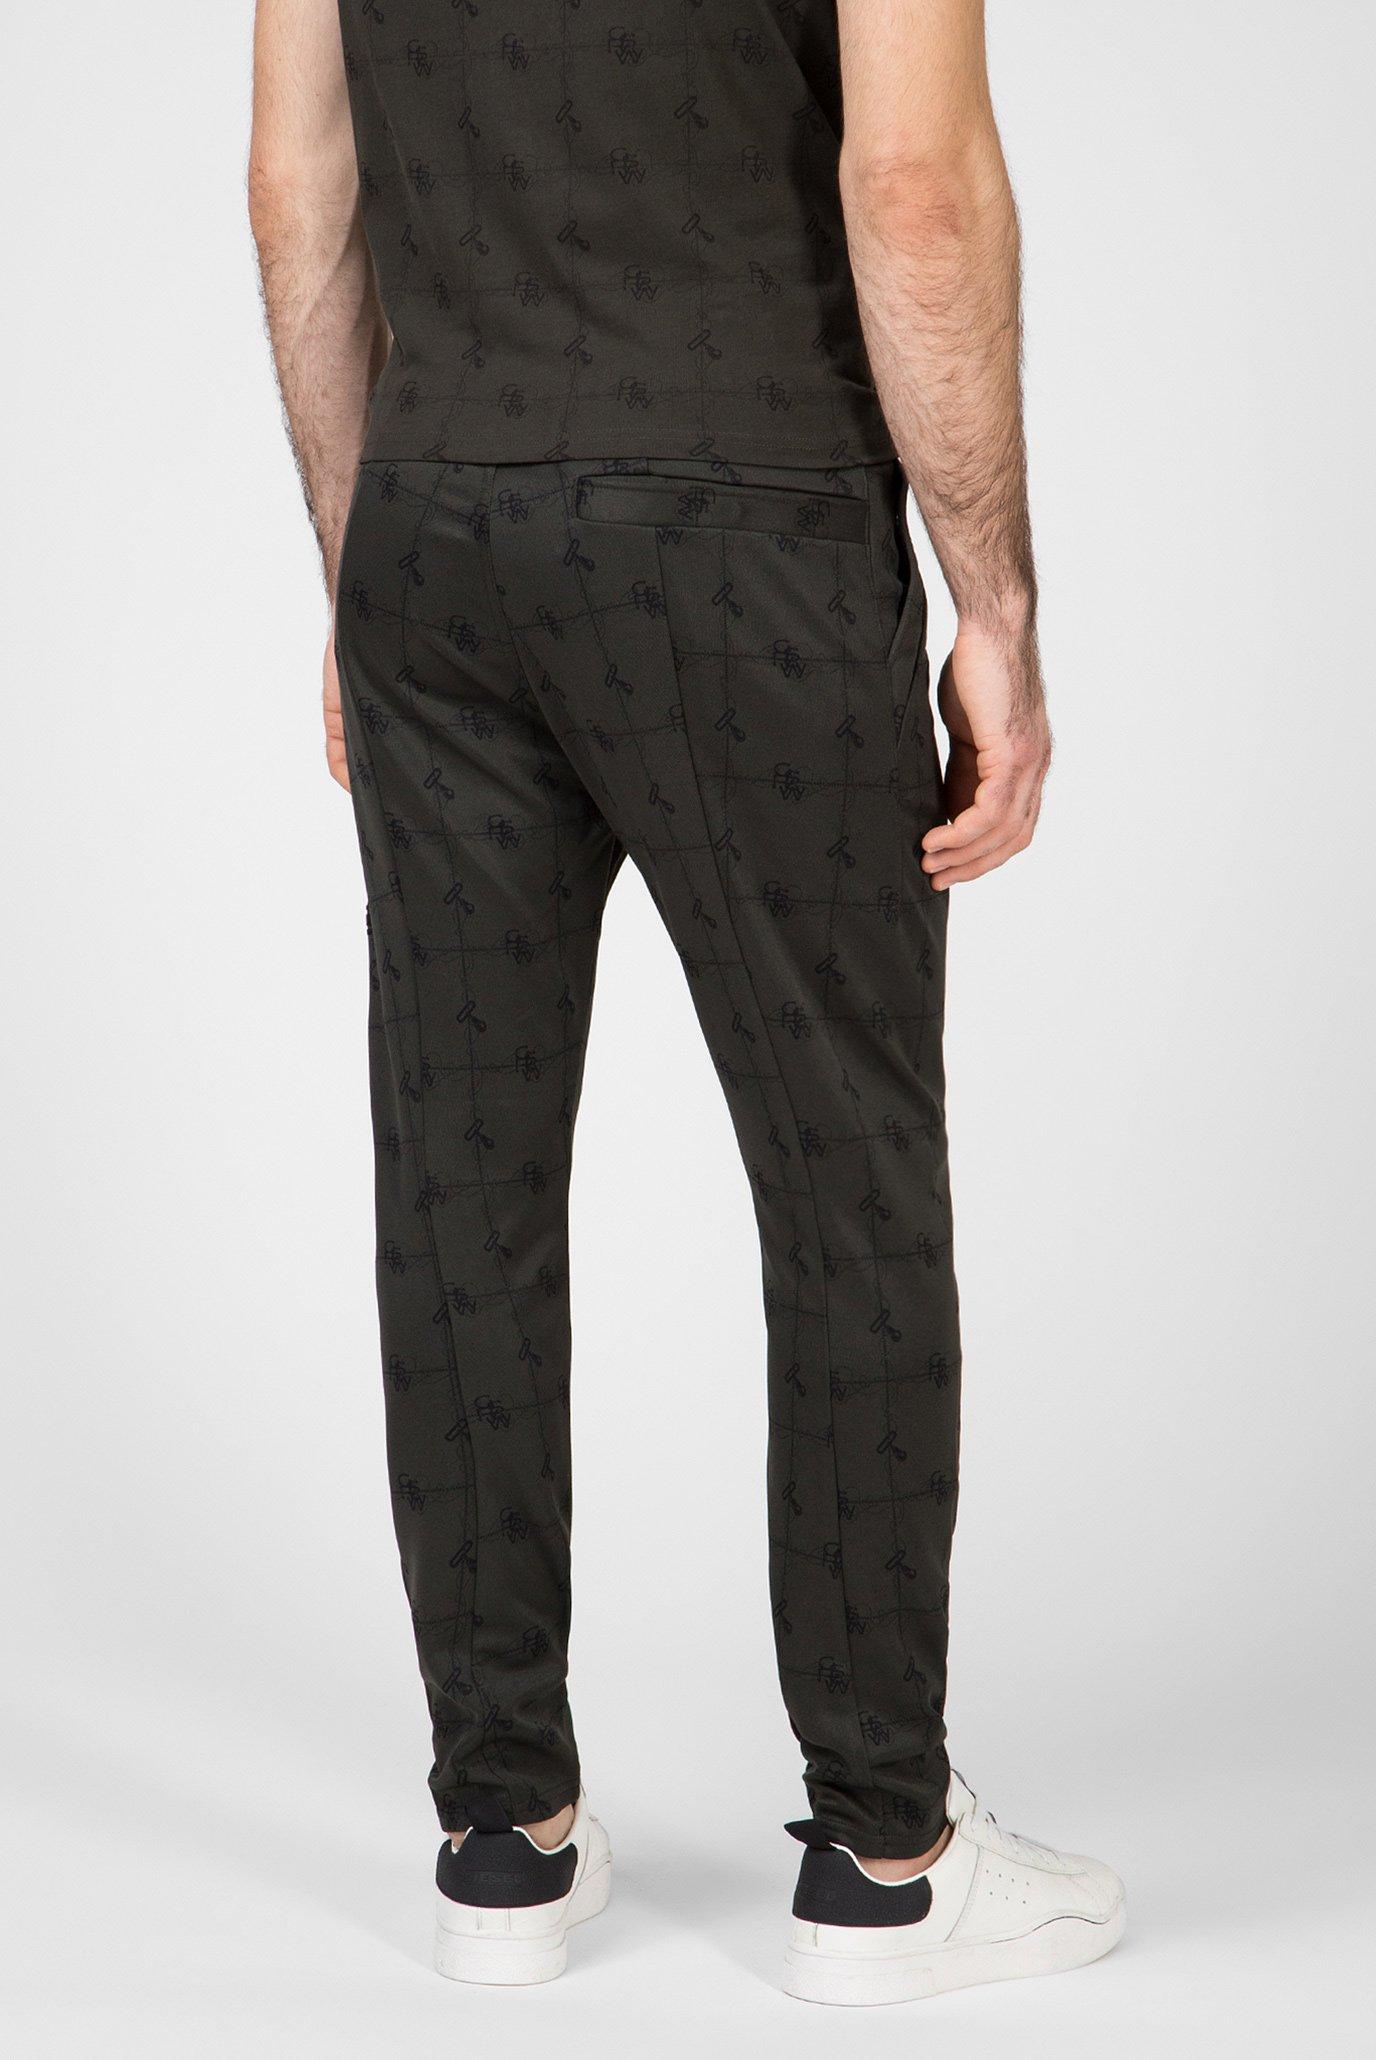 Мужские темно-зеленые спортивные брюки Lanc G-Star RAW